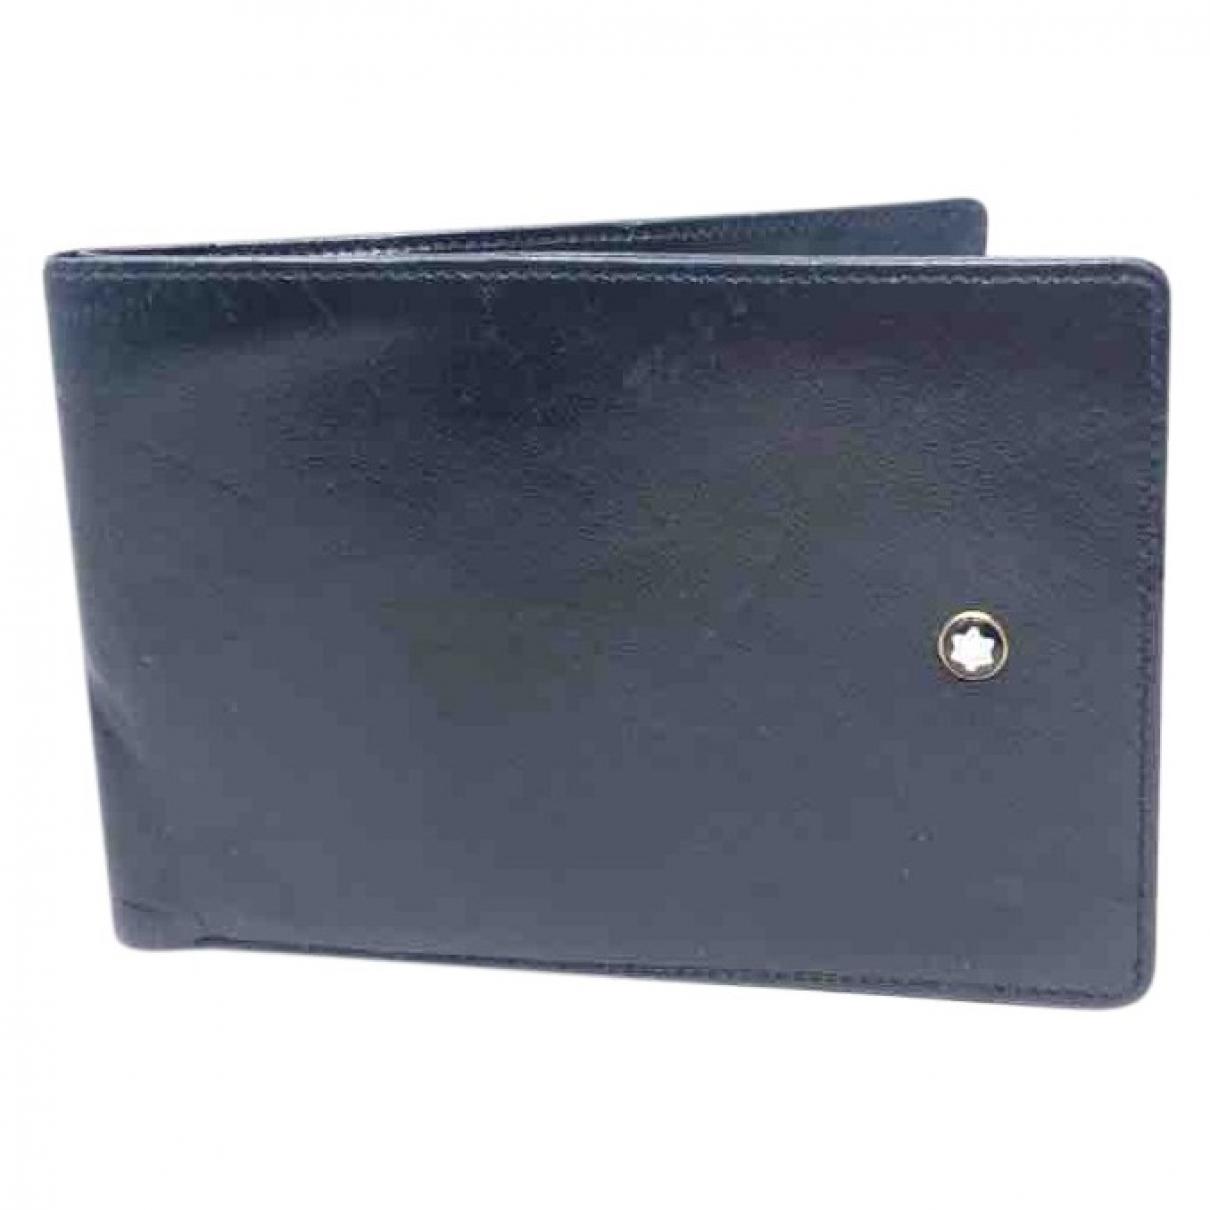 Montblanc \N Portemonnaie in  Schwarz Leder